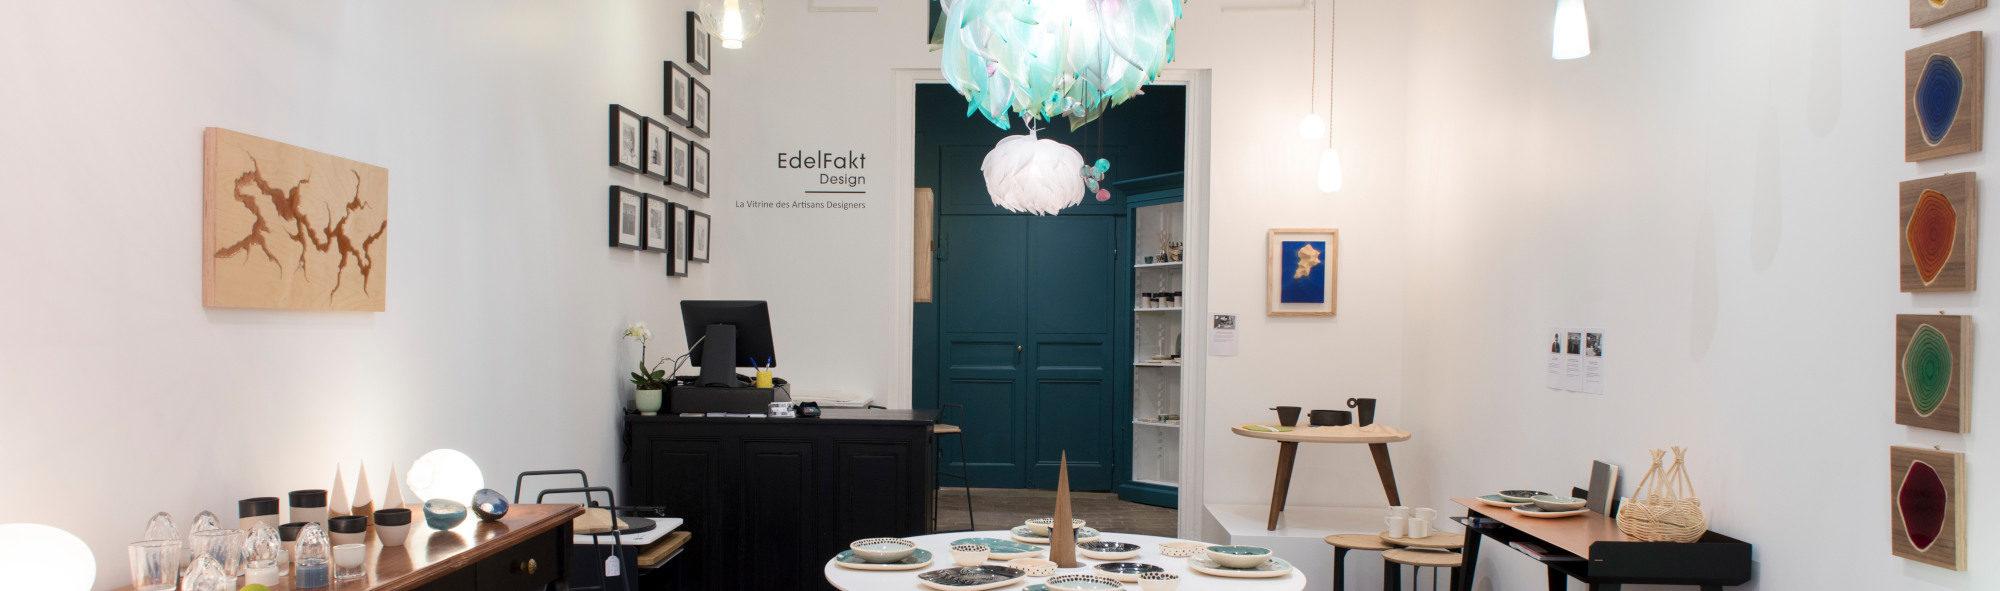 Edelfakt Design - Boutique décoration Lyon   Vitrine des artisans ...